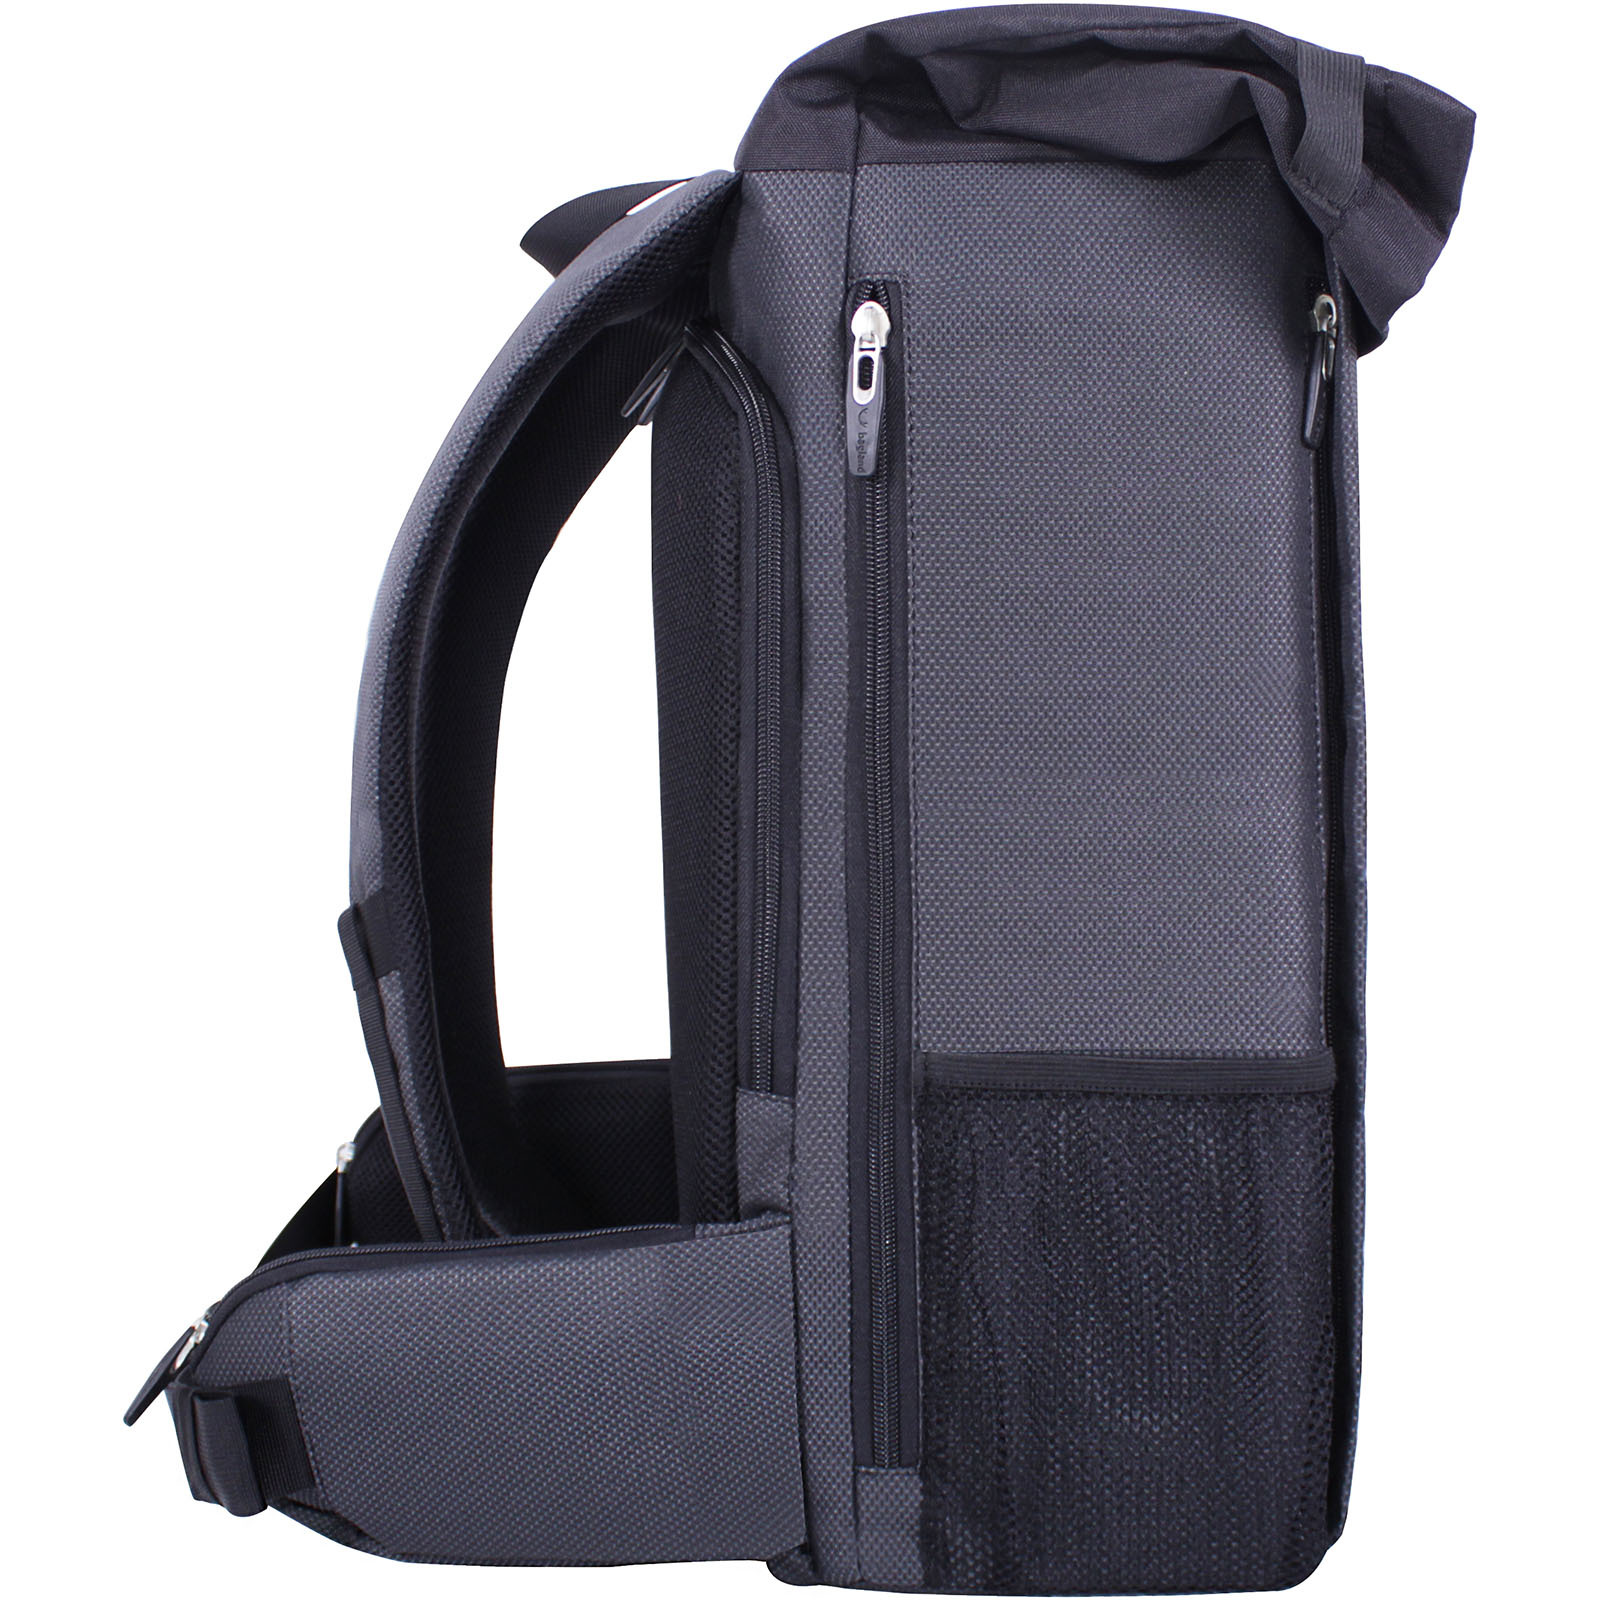 Рюкзак для ноутбука Bagland Roll 21 л. Чёрный (00156169) фото 3